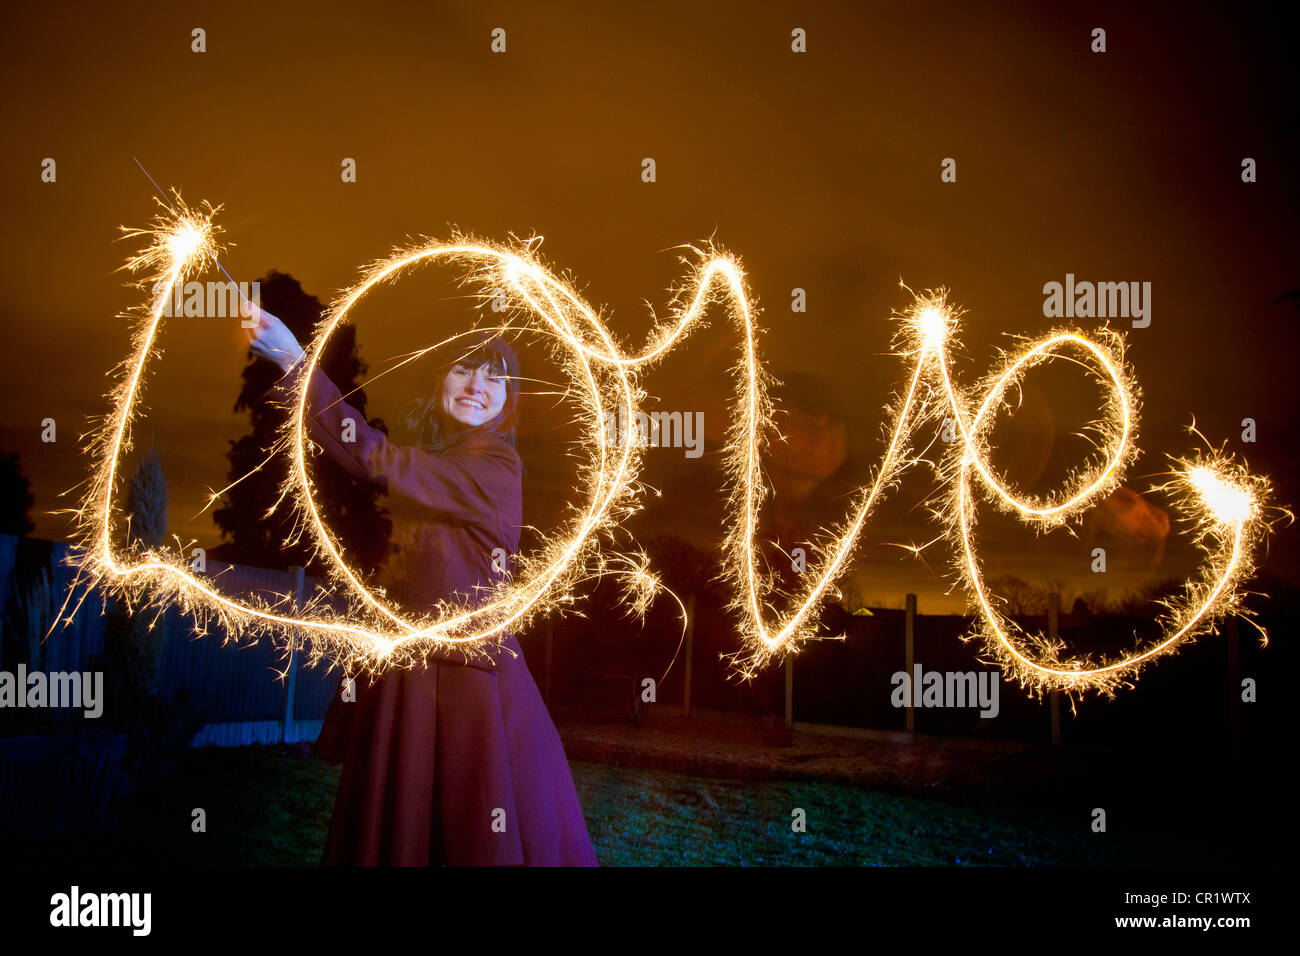 Mulher por escrito o amor com sparkler Imagens de Stock